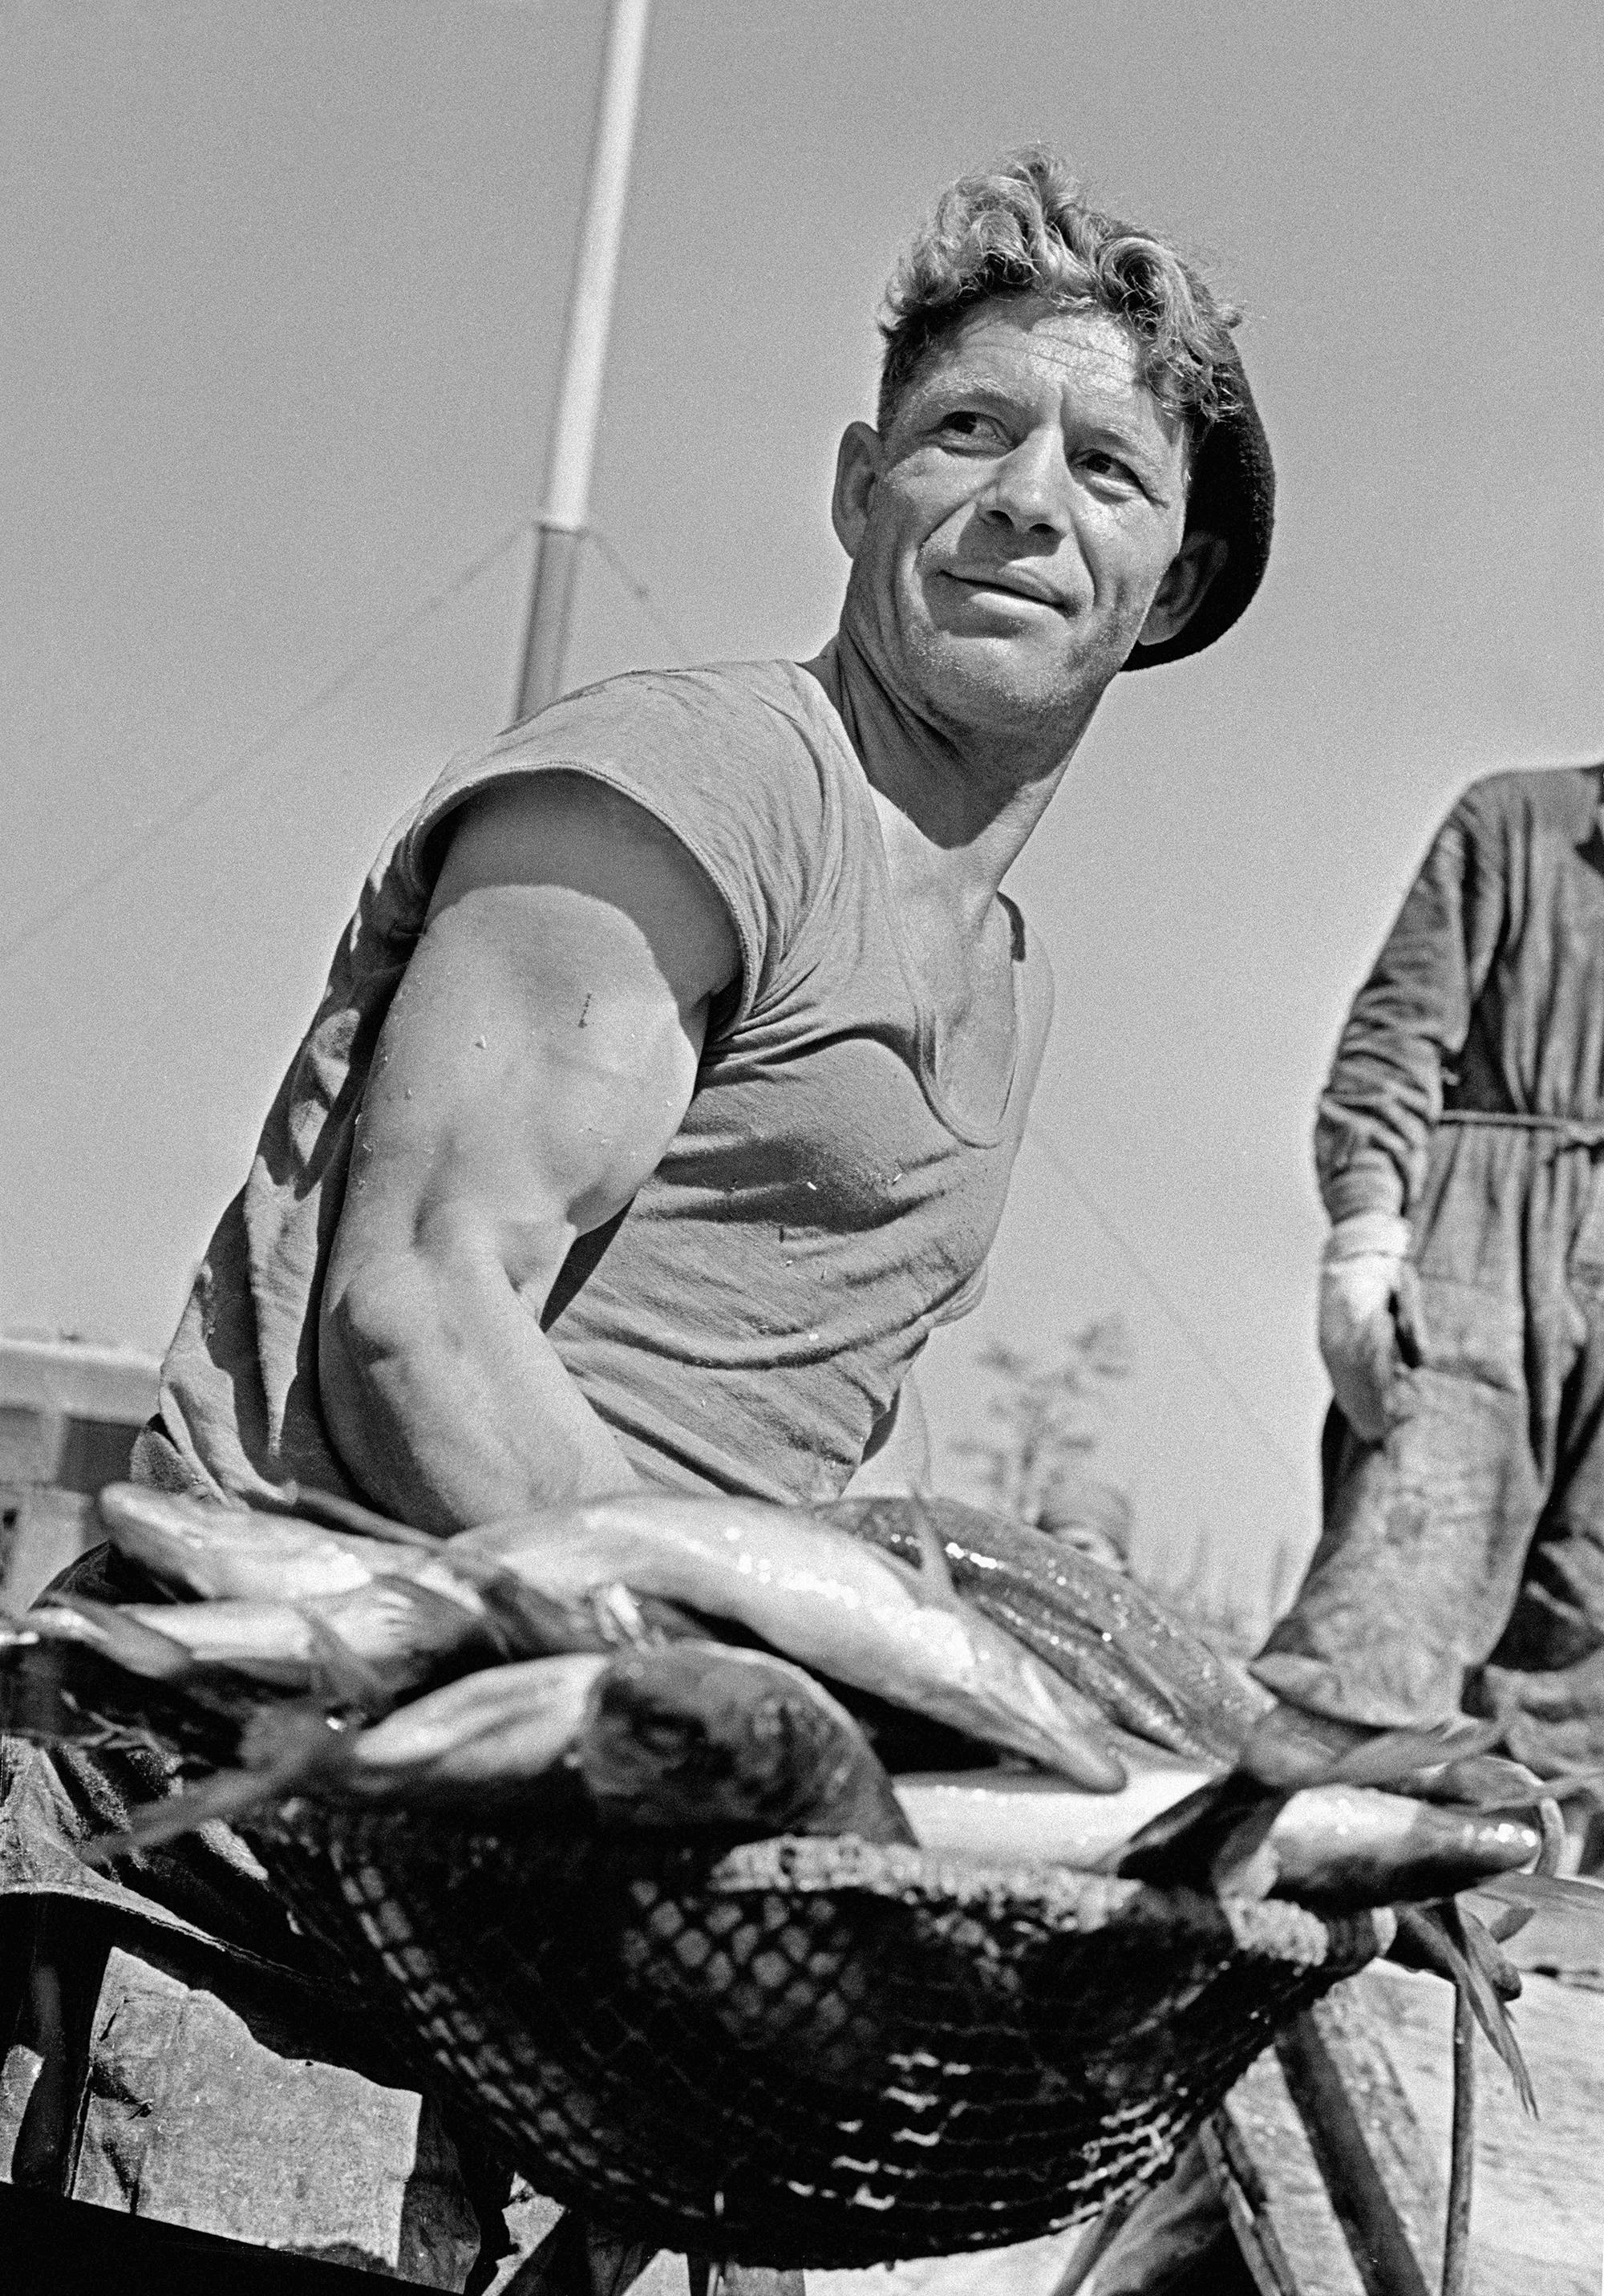 Освен да снима световни лидери, Абрамочкин винаги е смятал за изключително важно да улови живота на обикновените хора. Той е един от първите фотожурналисти, които въвеждат спонтанната фотография във фотожурналистиката. / Рибар, Астрахан, 1965